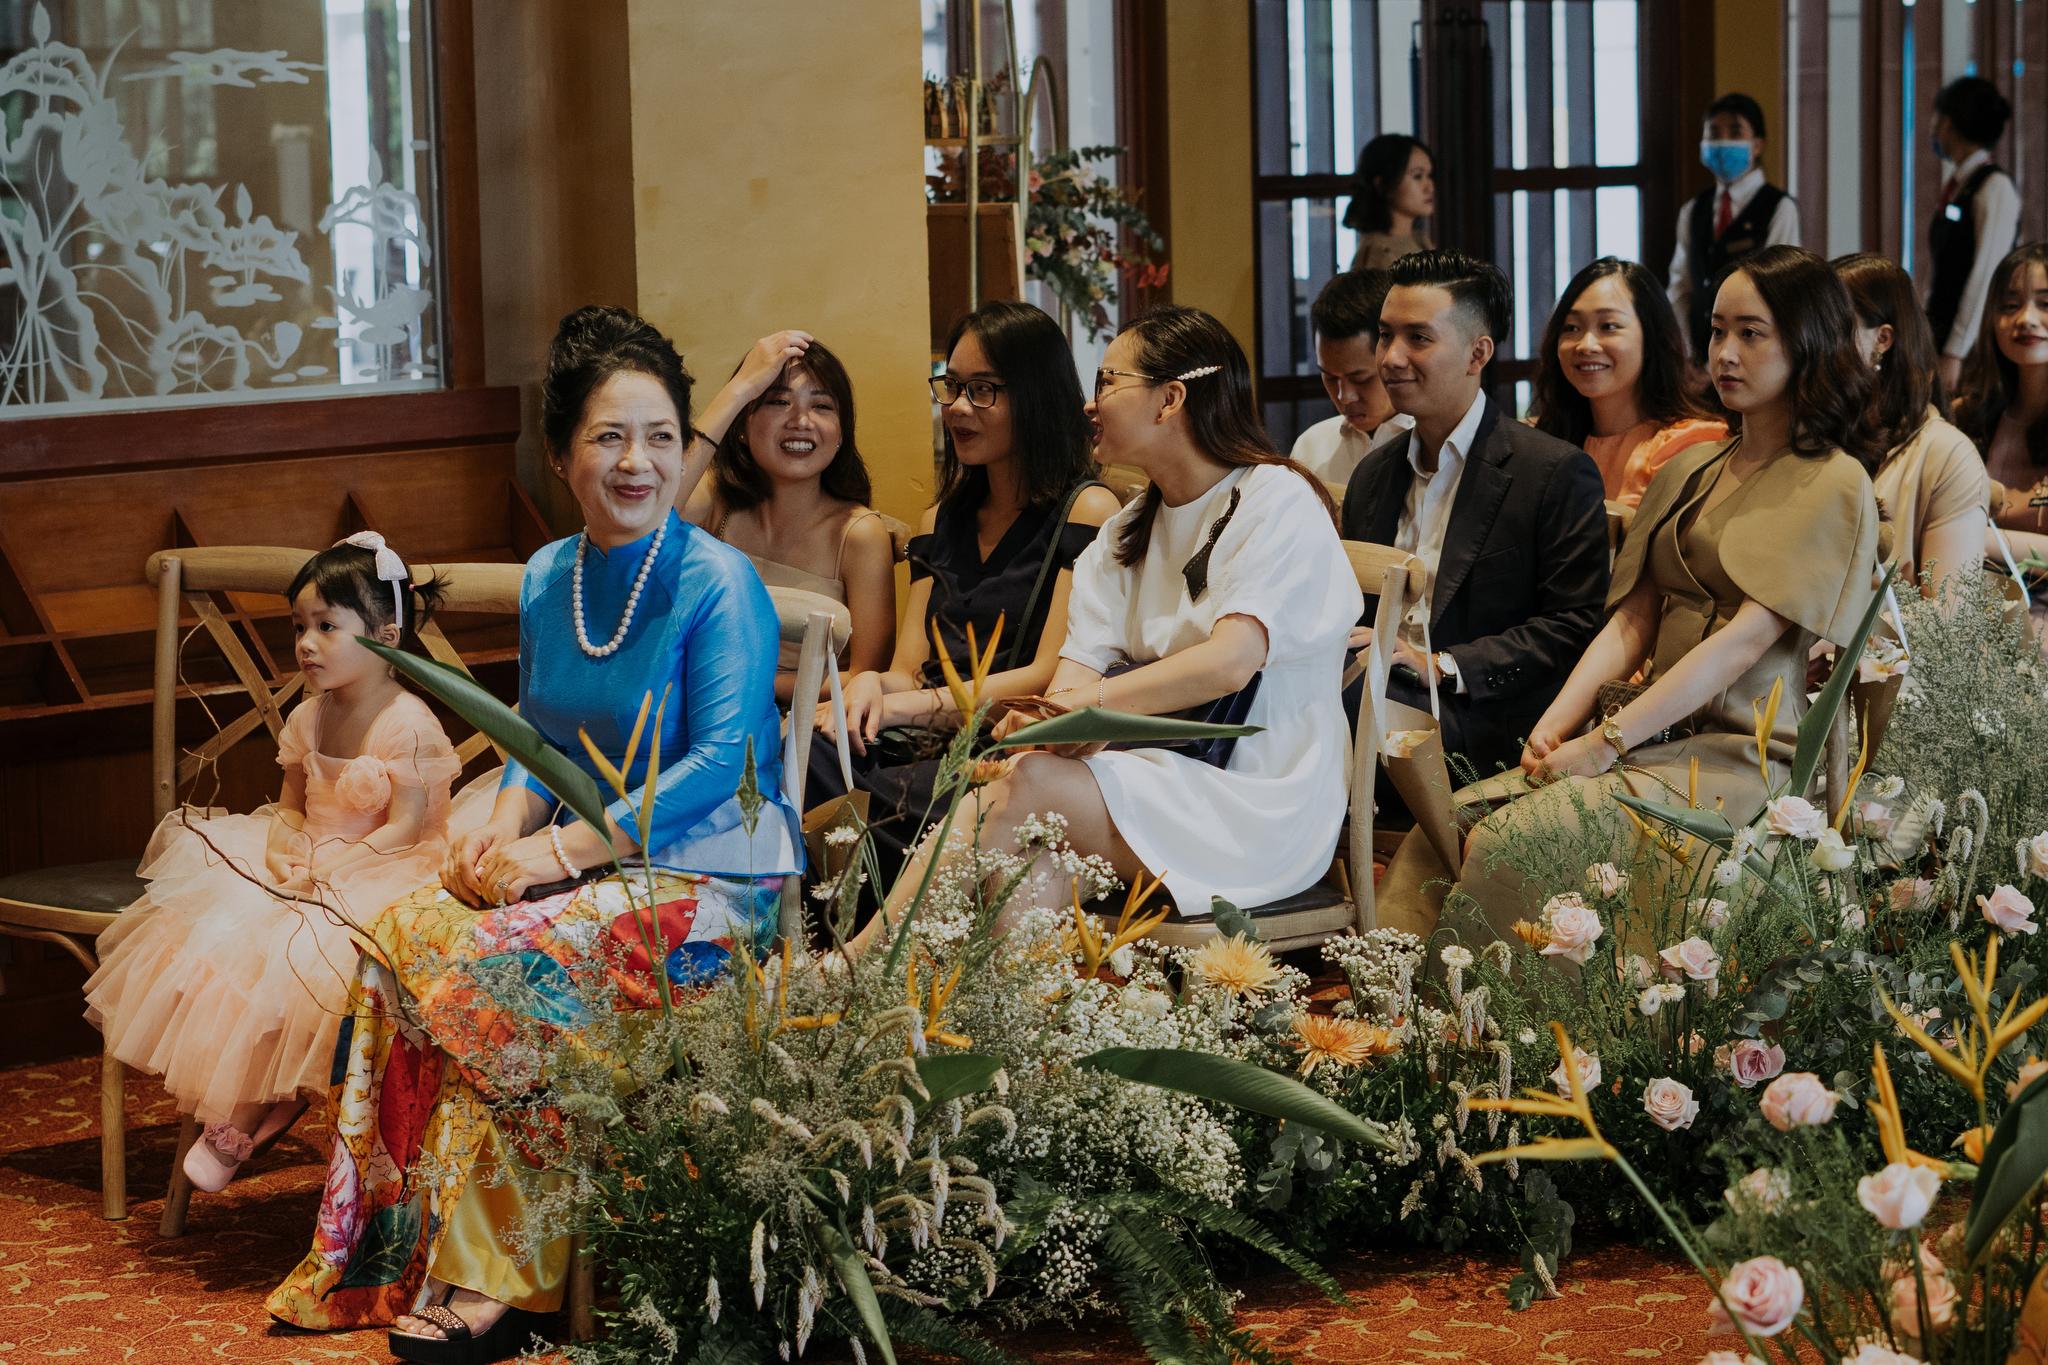 https://huk.s3.amazonaws.com/uploads/image/source/1397/Phuong-Diep-HN-Ceremony-1-0403.JPG